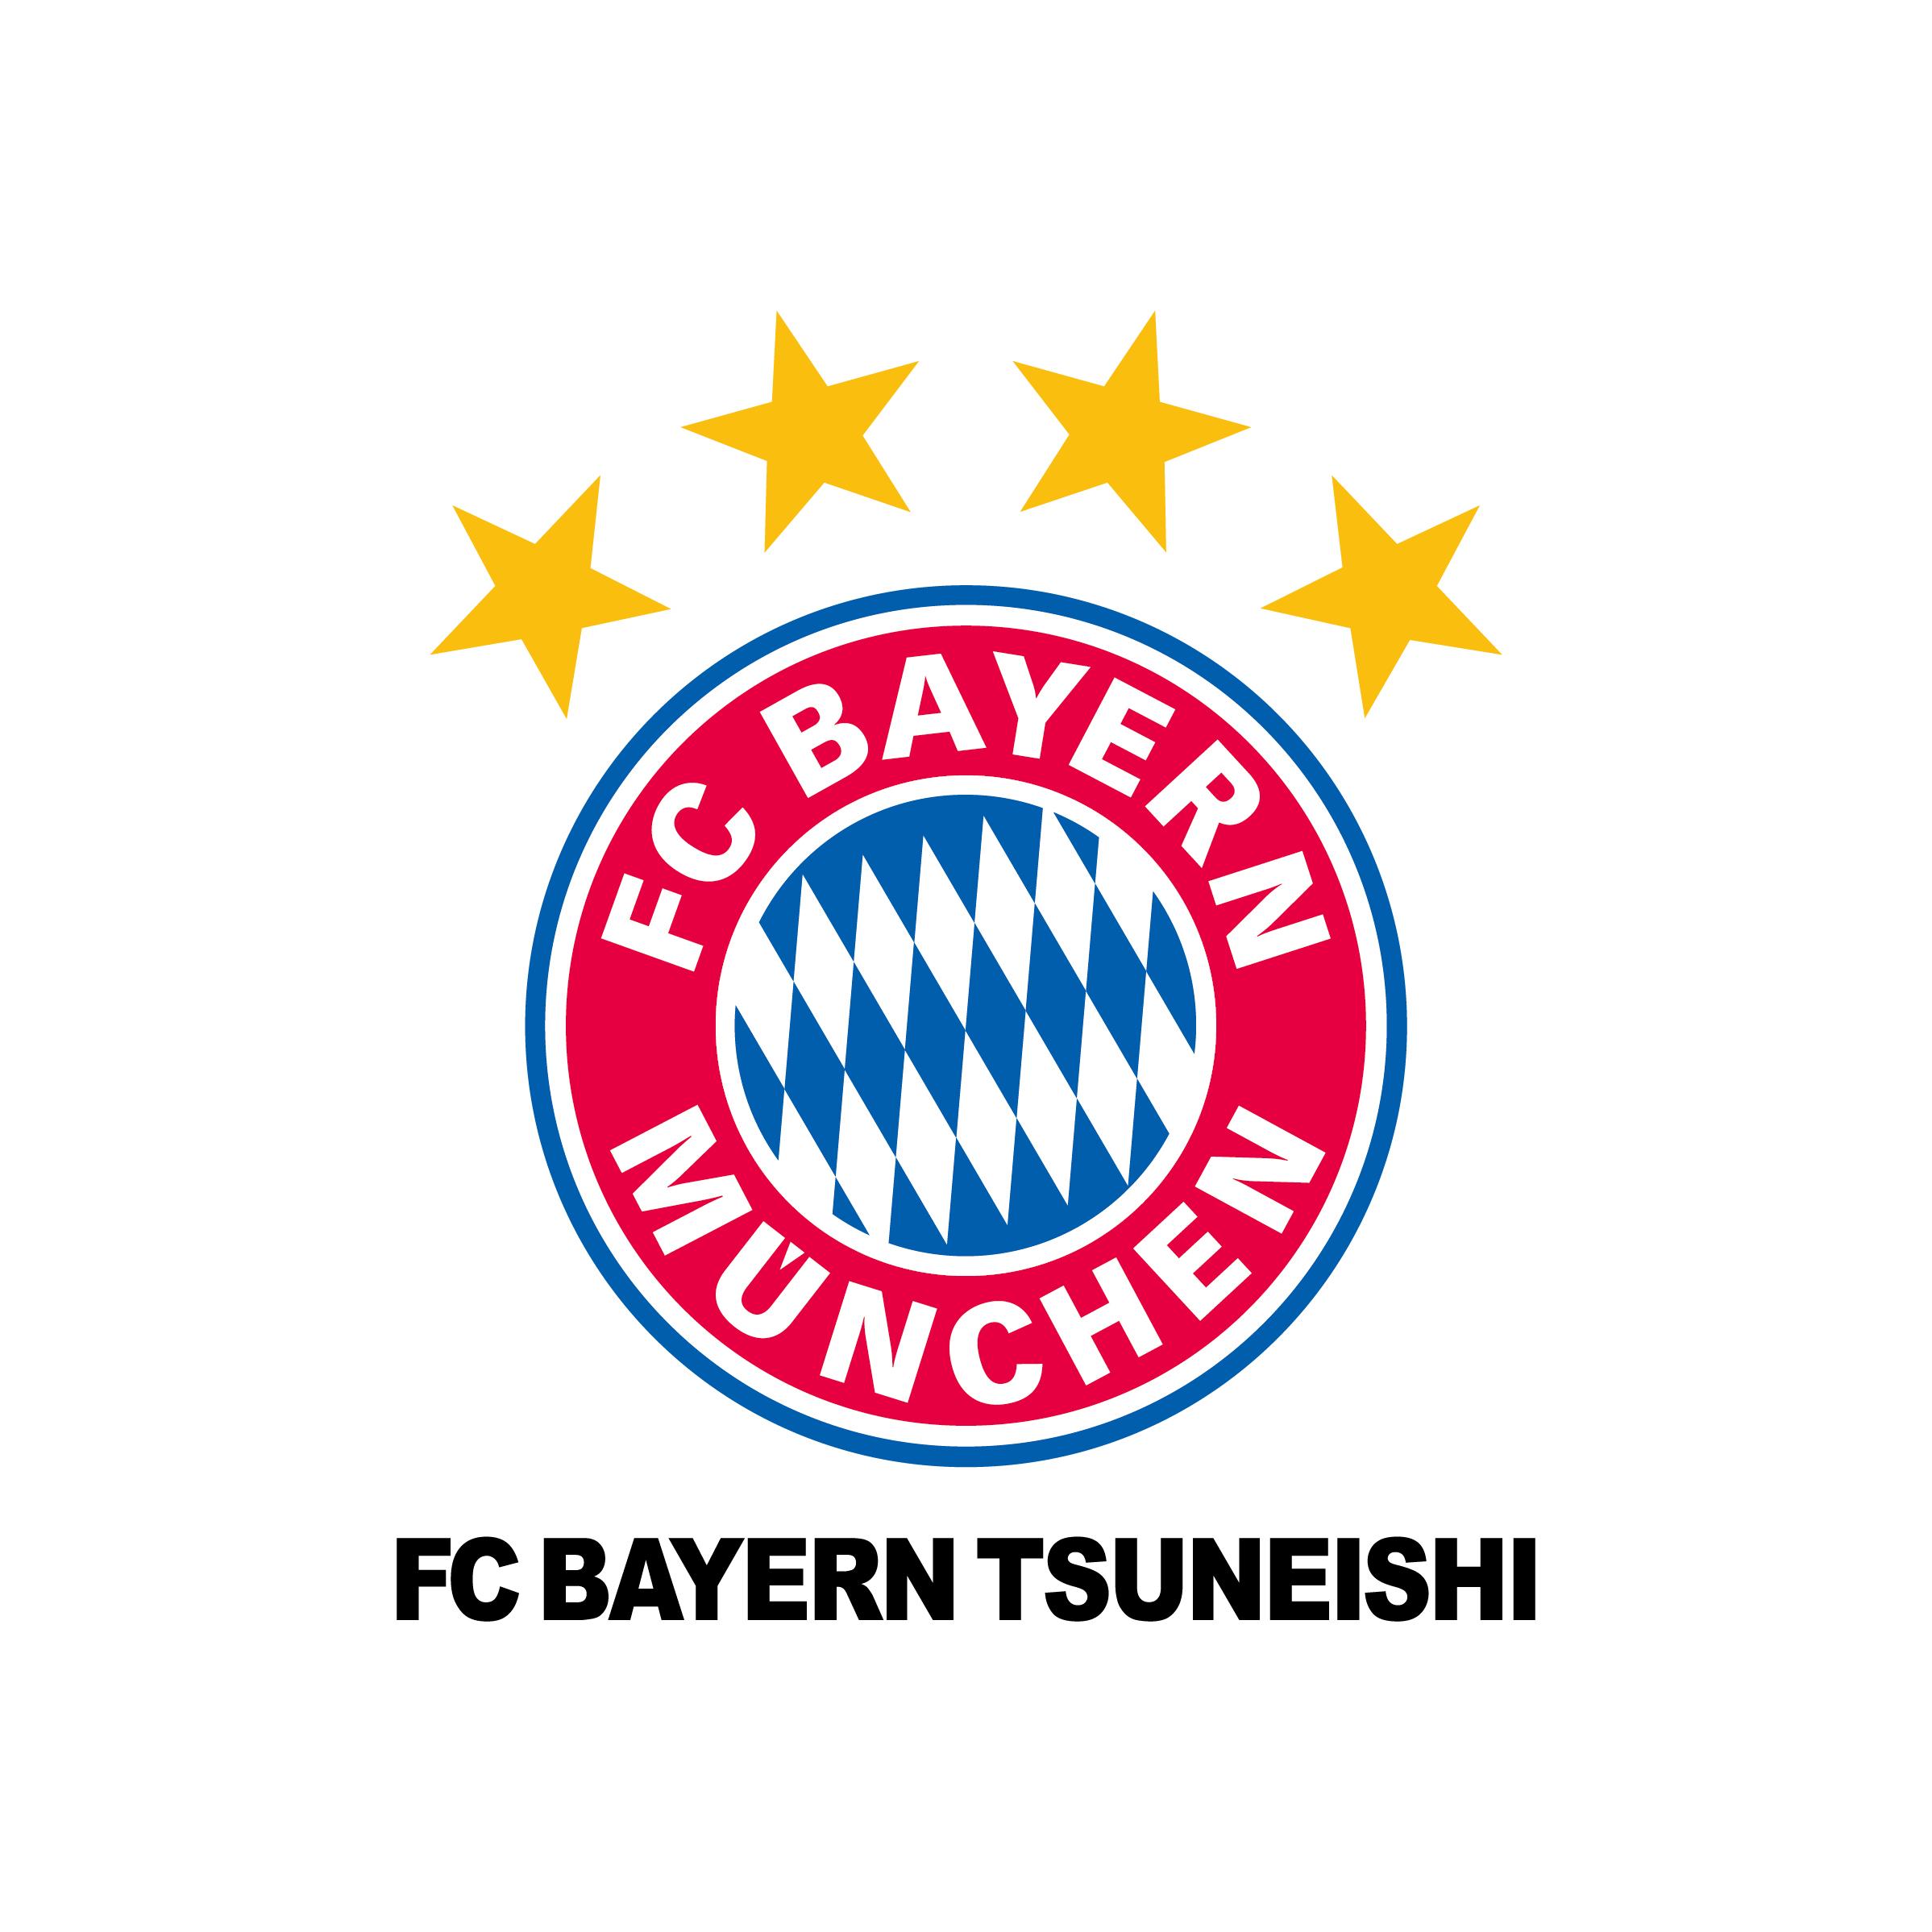 FC バイエルン ツネイシ